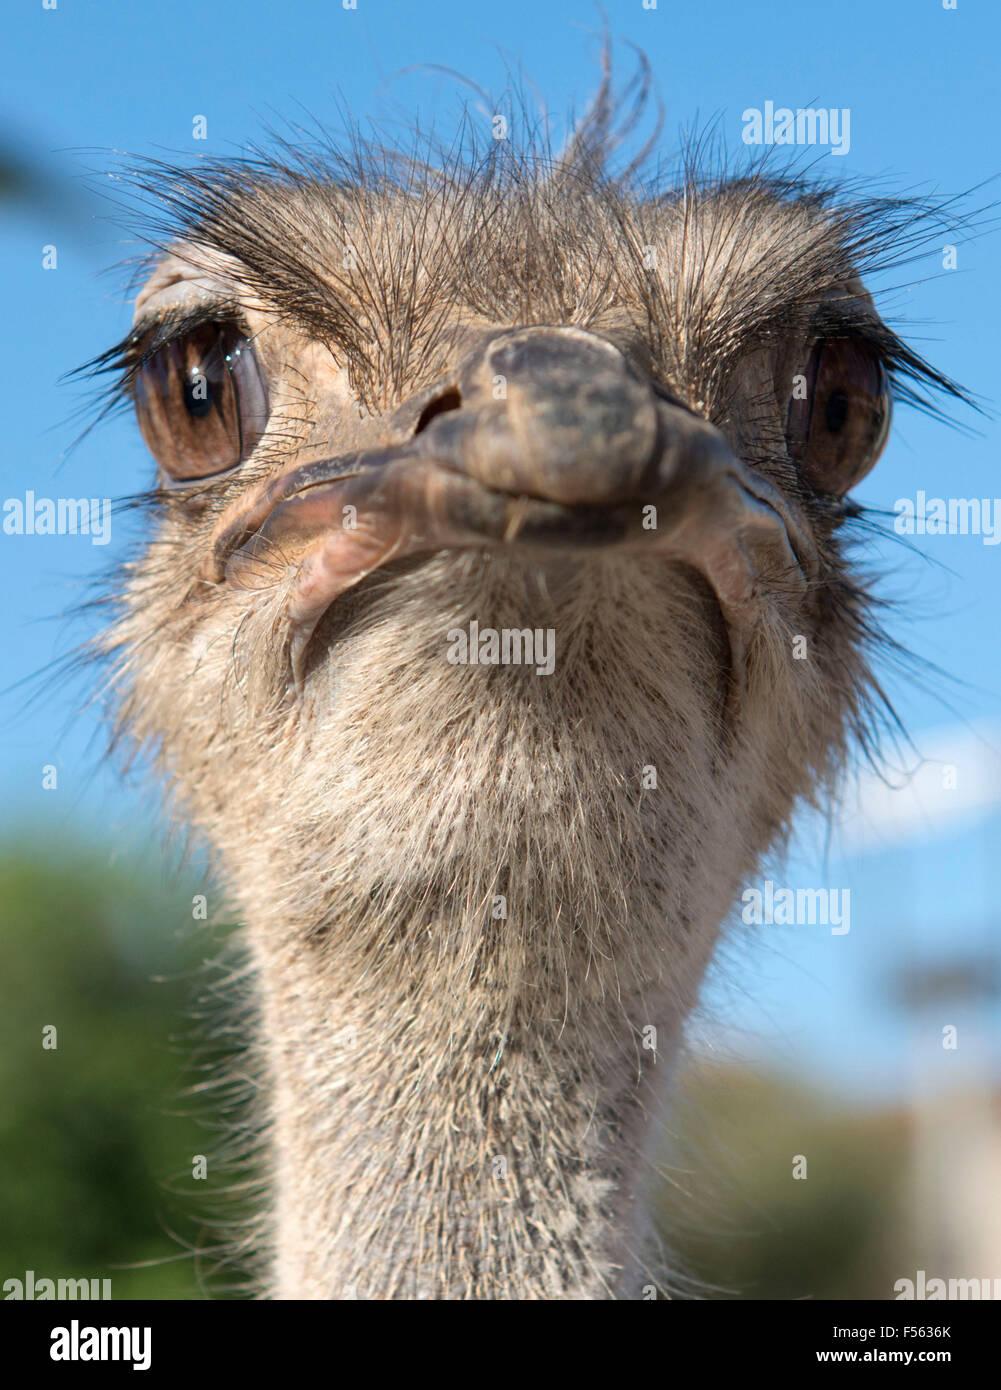 Strauss, Vogelstrauss, ostrich, Afrikanischer Strauß, Struthio camelus - Stock Image